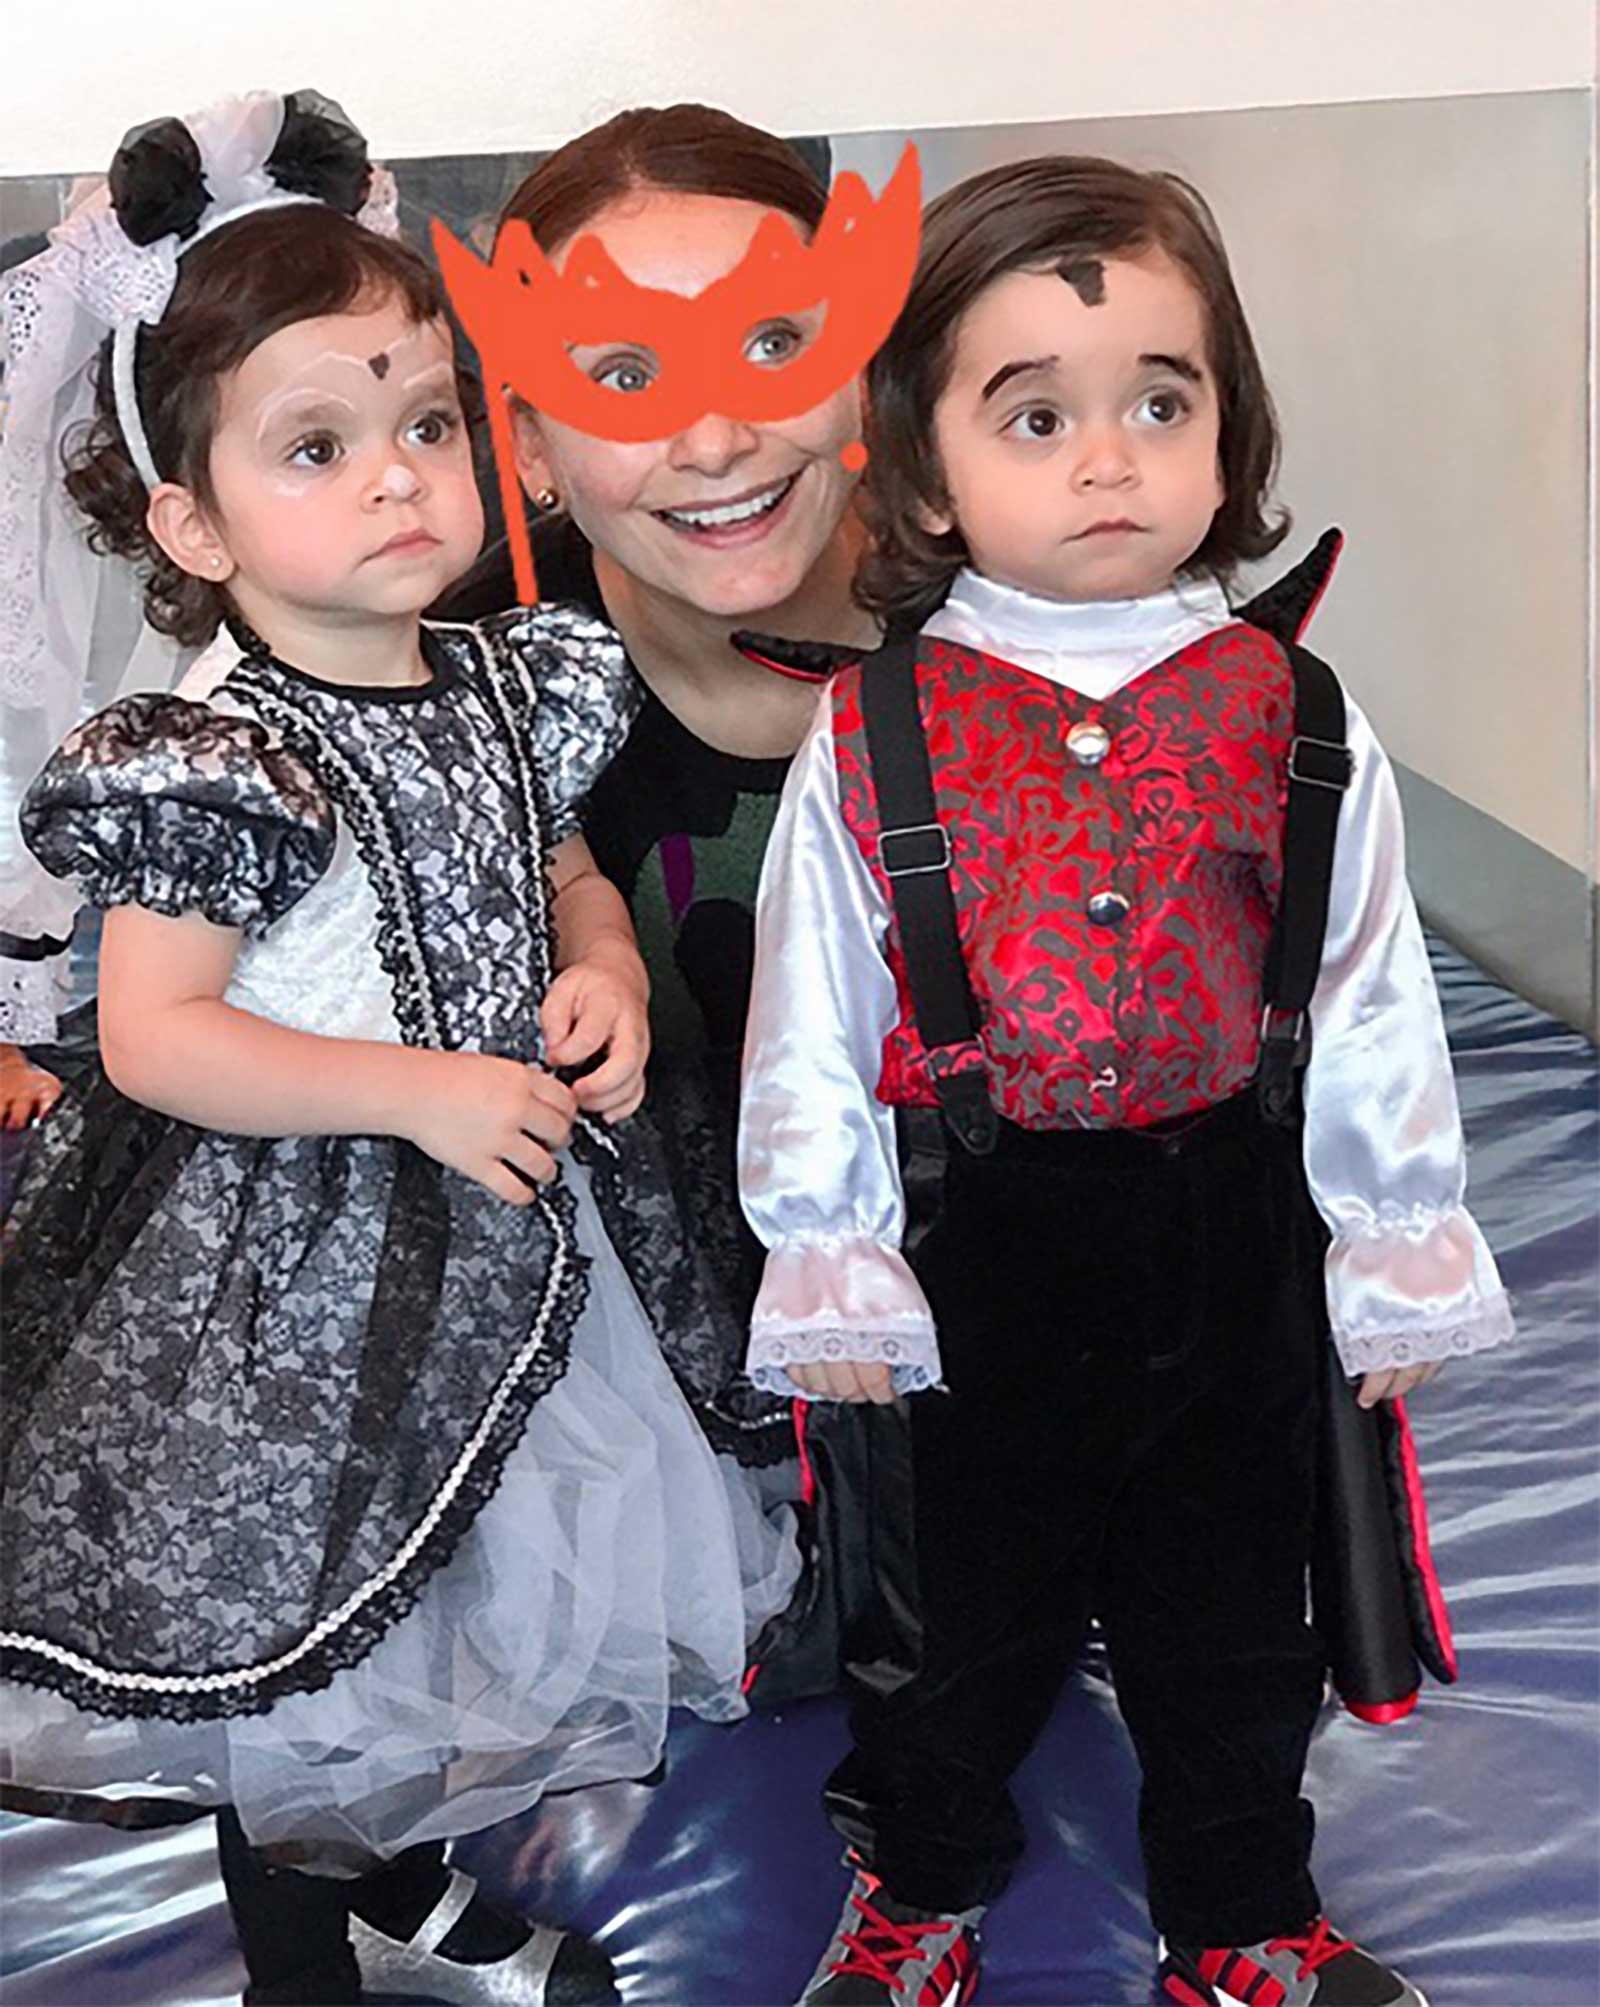 León Salinas, Máxima Salinas, Elizabeth Álvarez